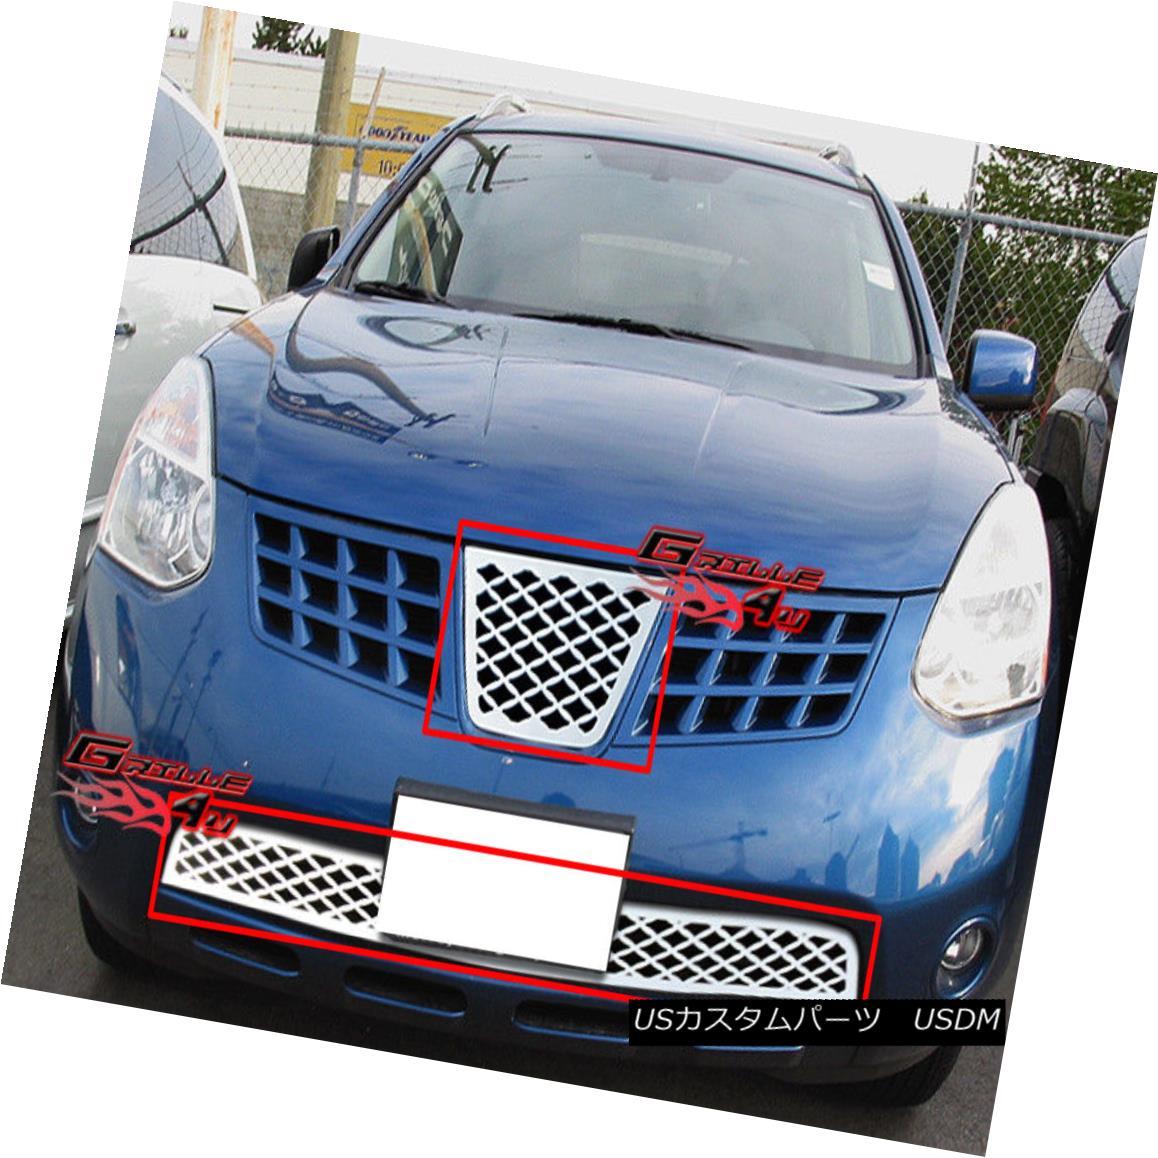 グリル Fits 08-10 Nissan Rogue Perimeter Main Upper Billet Grille Insert 08-10 Nissan Rogue Perimeterメインアッパービレットグリルインサート